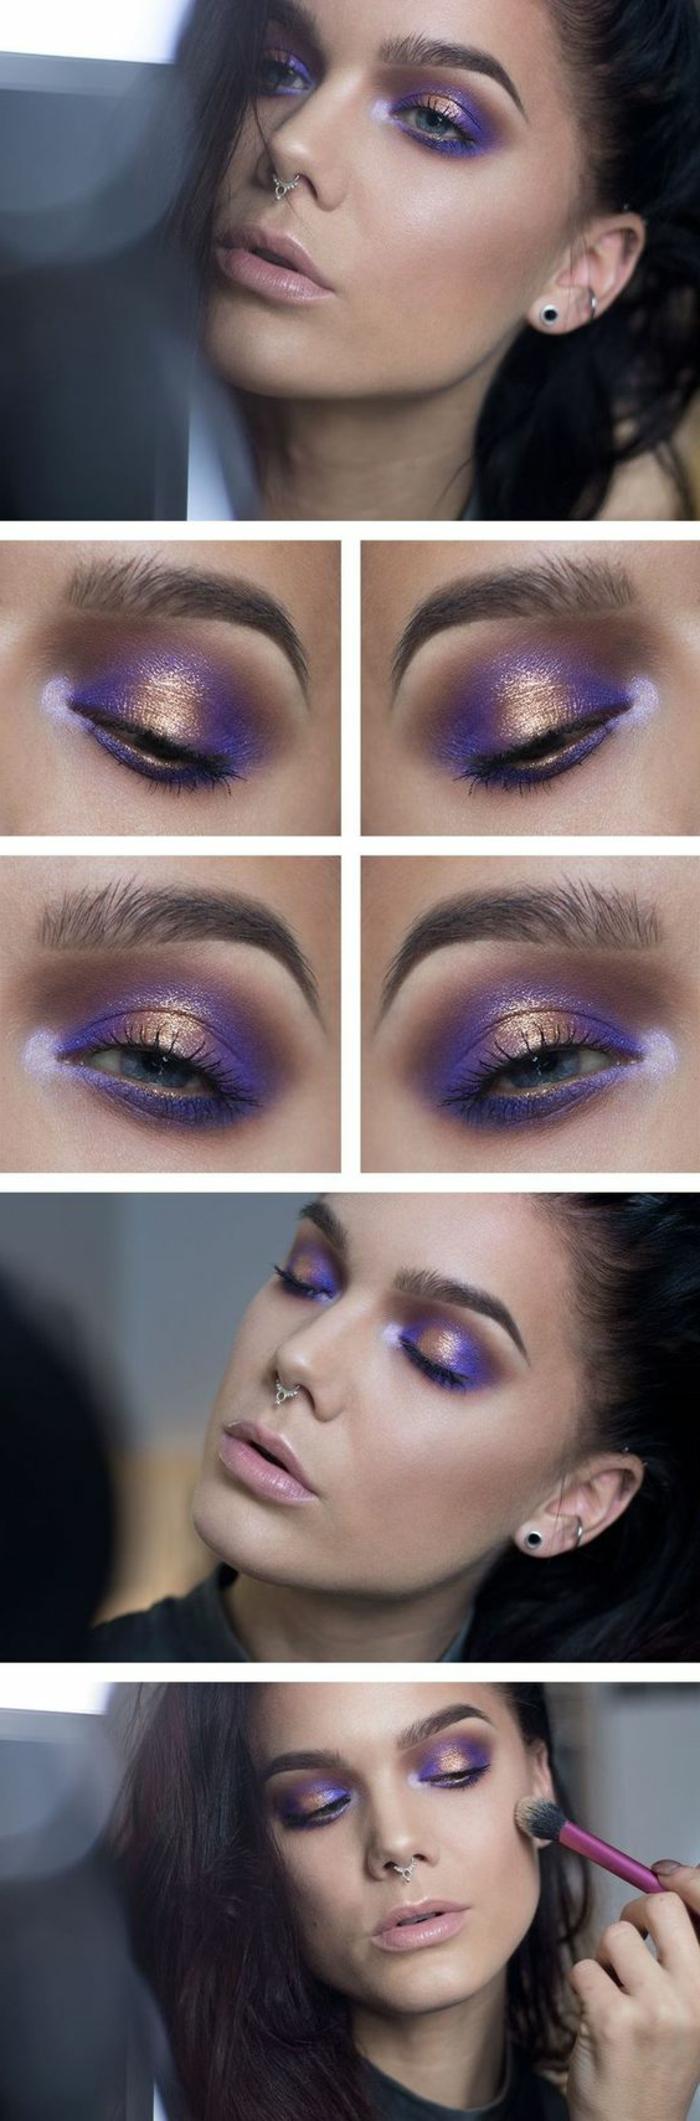 como-maquillarse-los-ojos-azules-en-tono-violeta-y-oro-maquillaje-de-noche